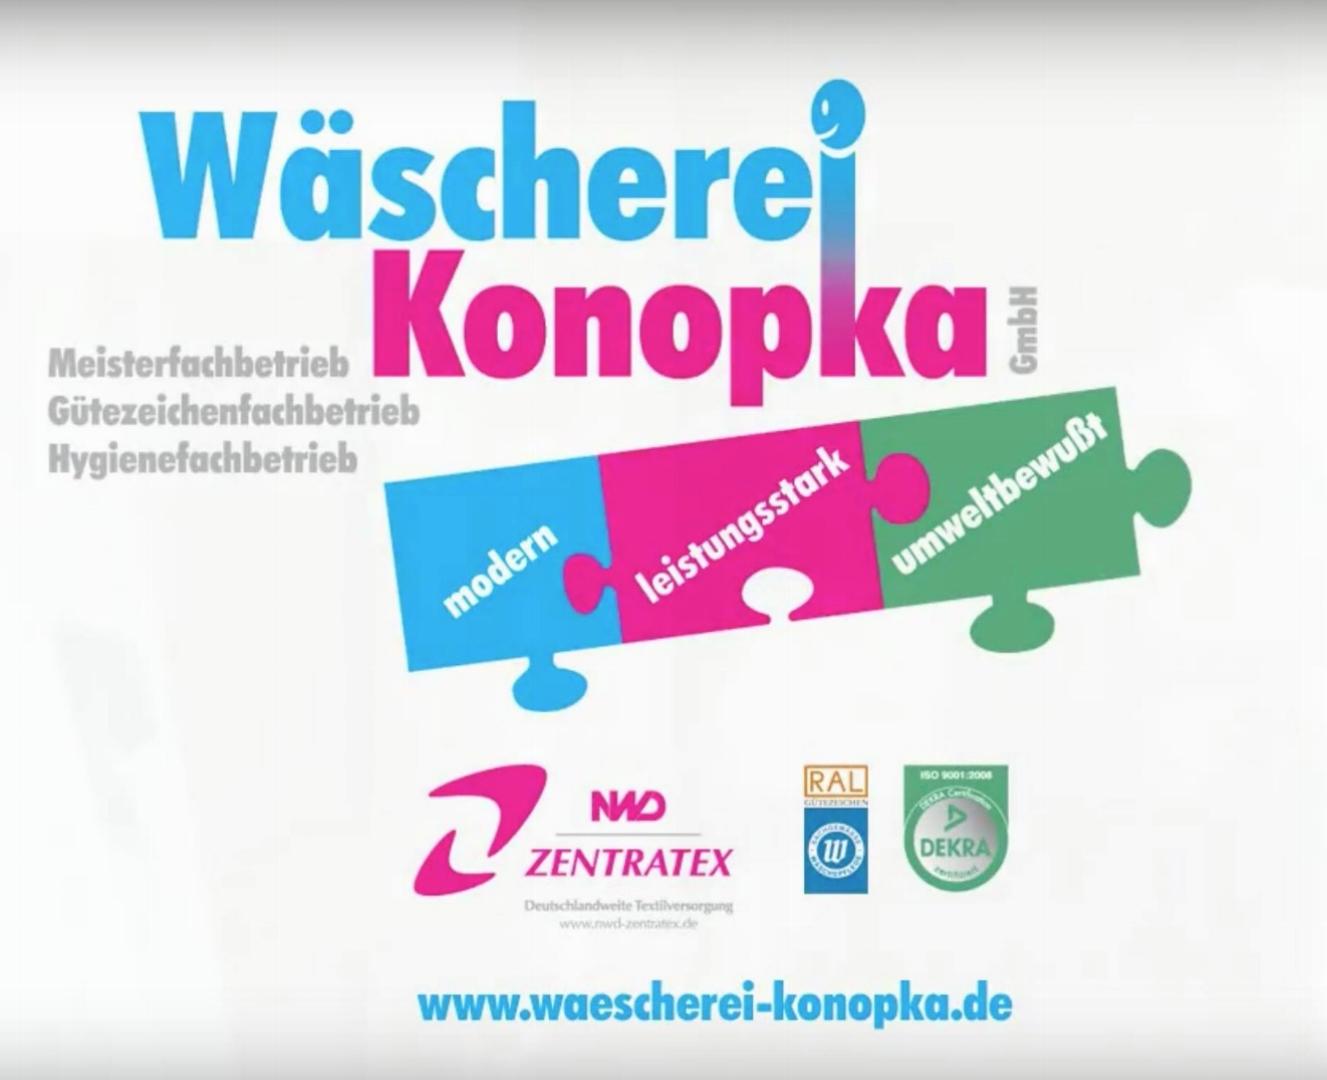 https://www.waescherei-konopka.de/